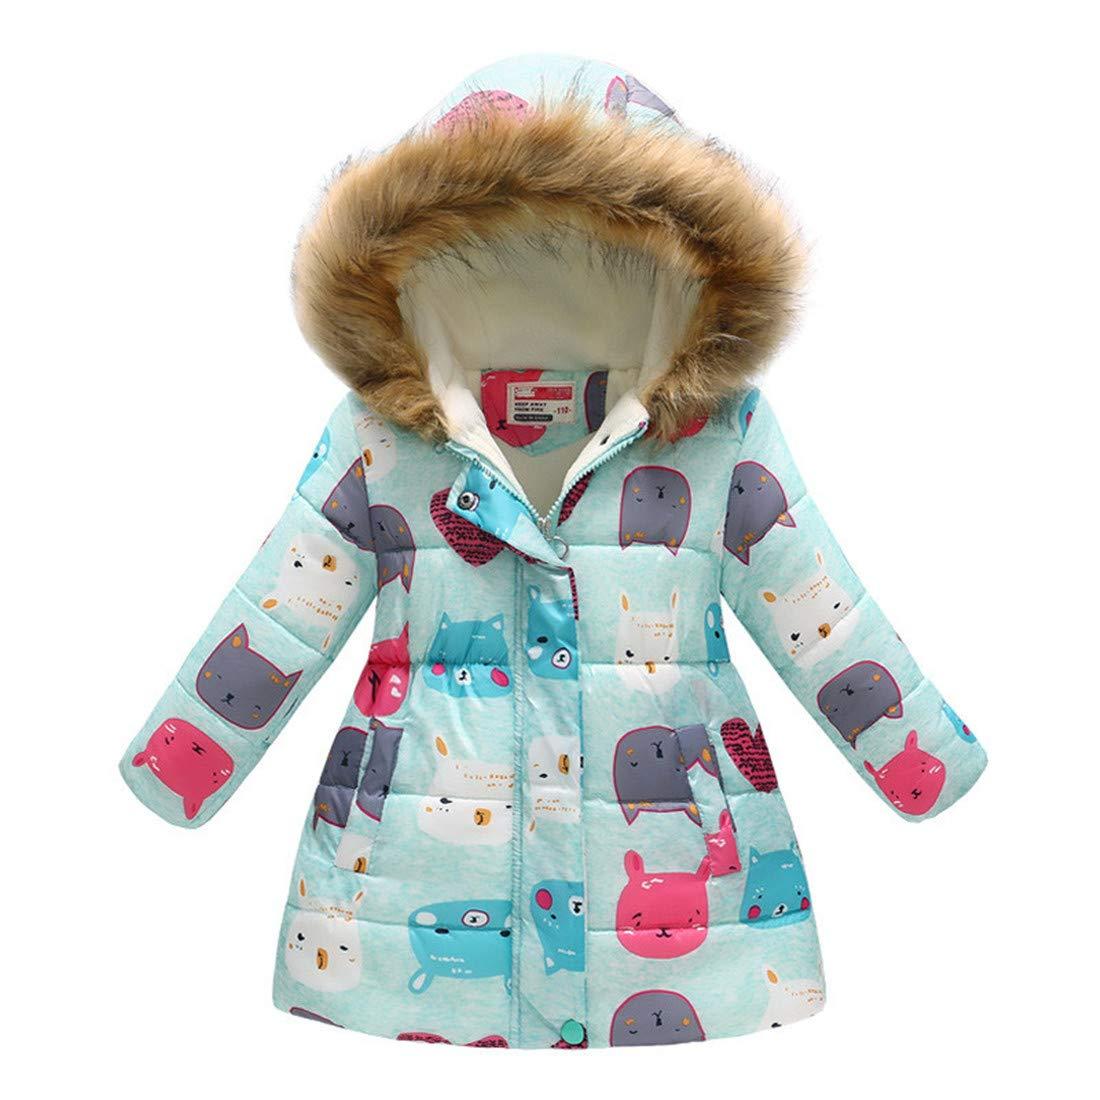 LJYH Little Girls Winter Fleece Lined Jacket Coat Kids Thick Hooded Outwear Coat 3-10Years